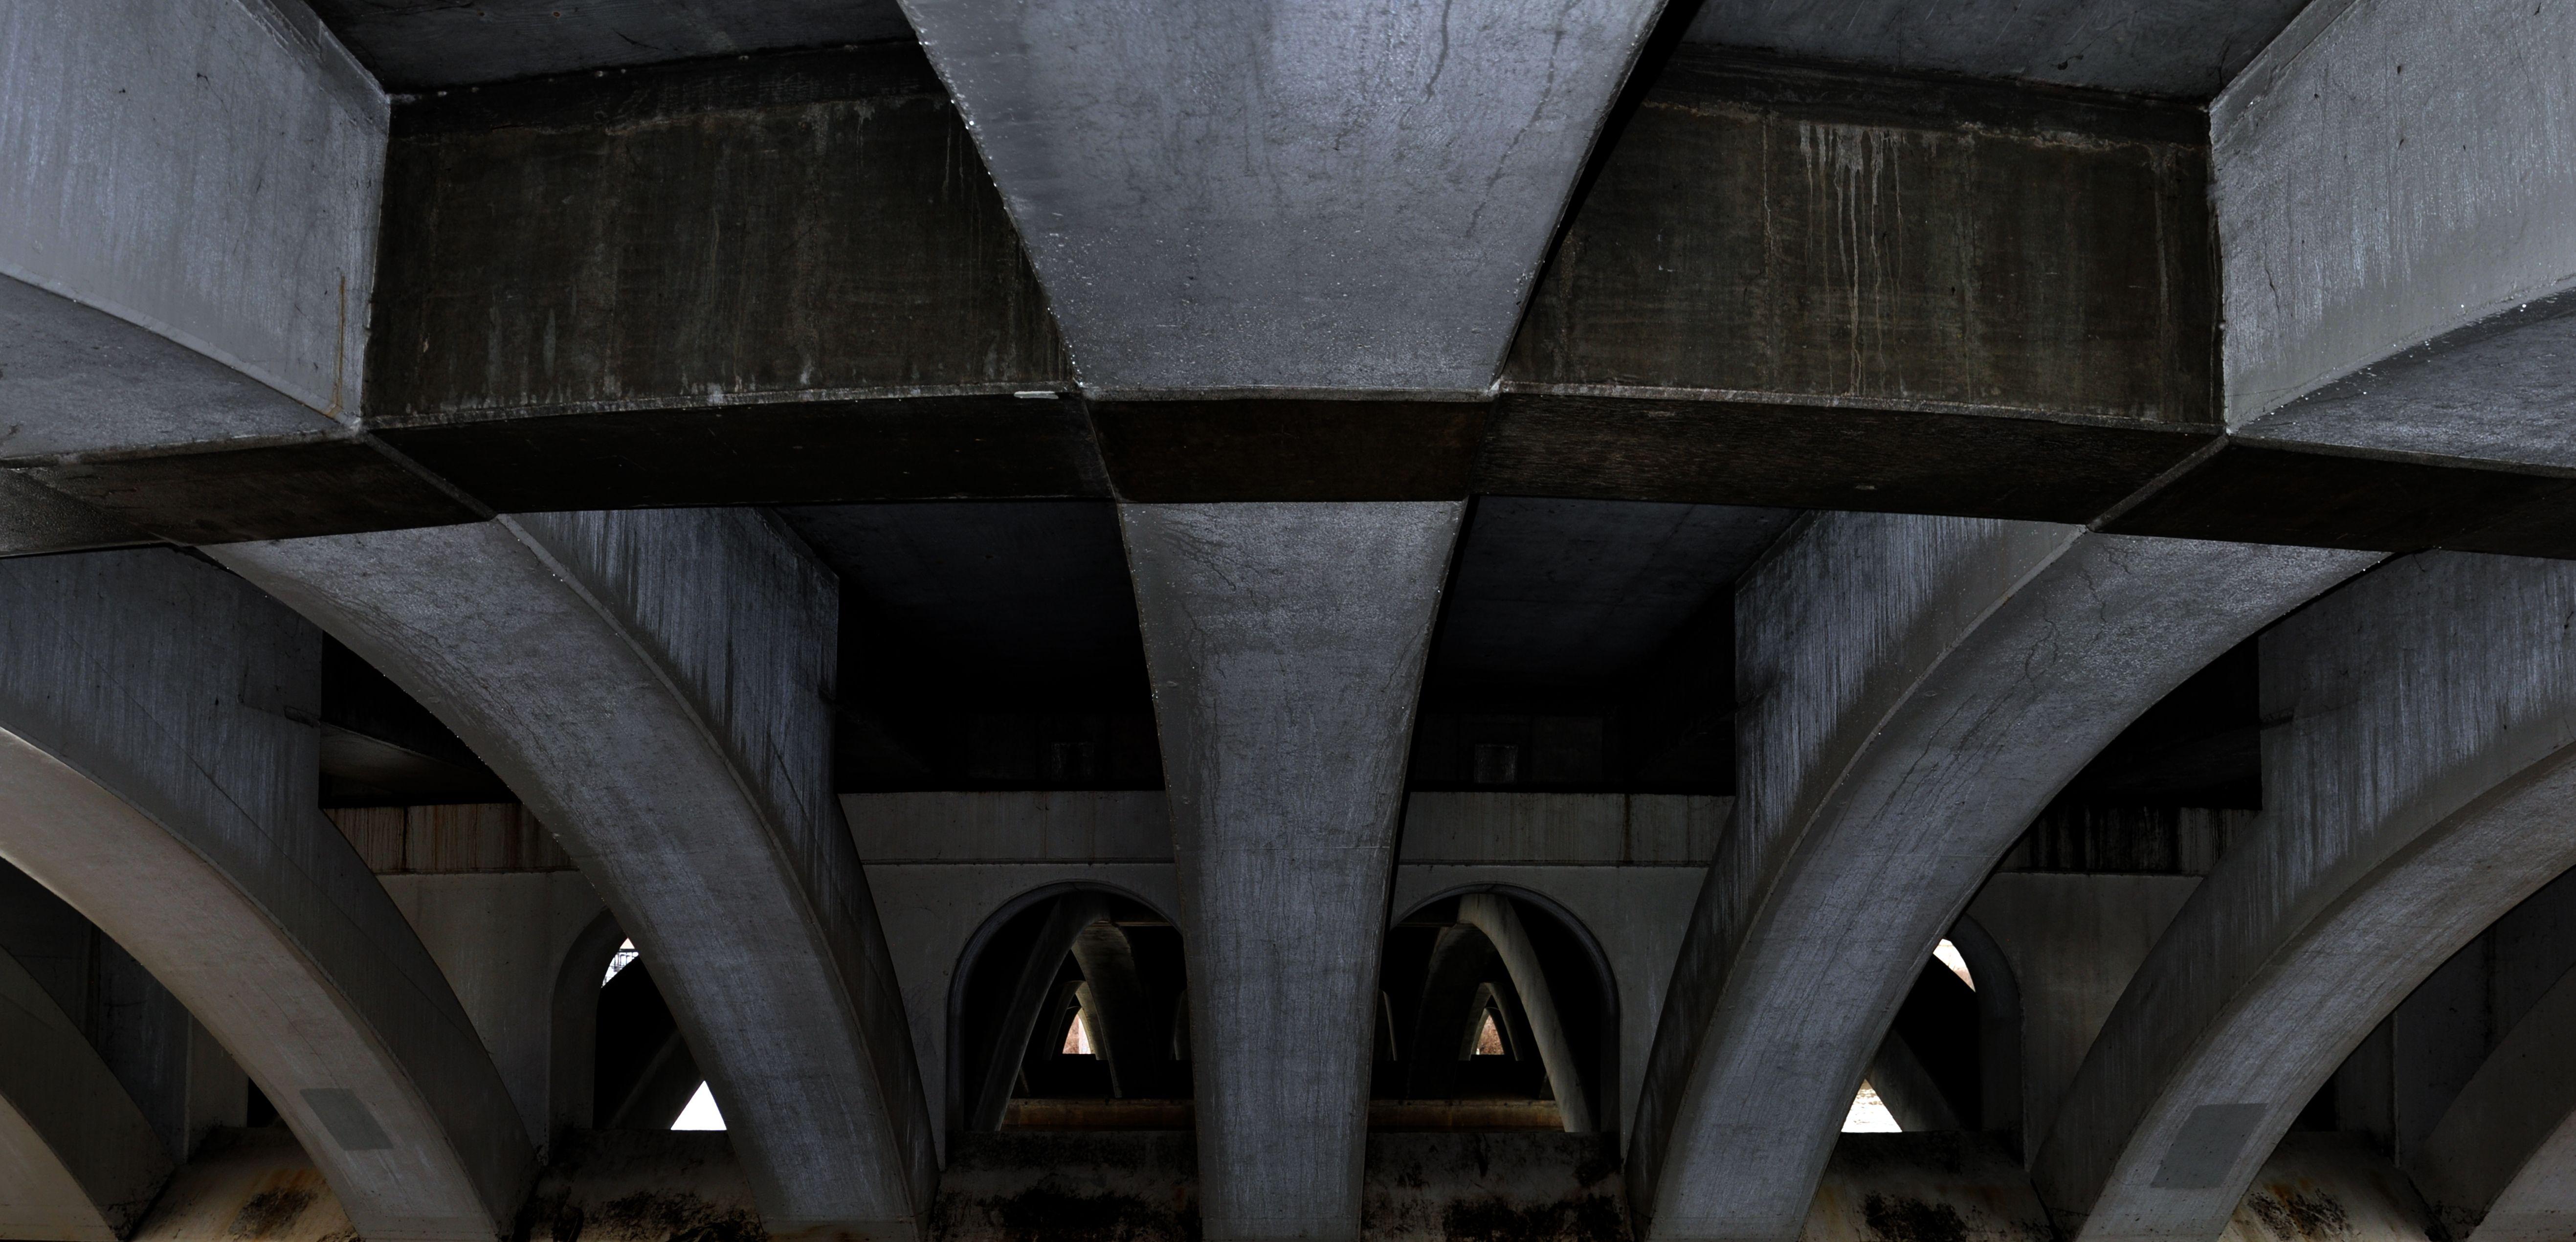 Olentangy River Bridge, Columbus Ohio  aheadphotography.zenfolio.com